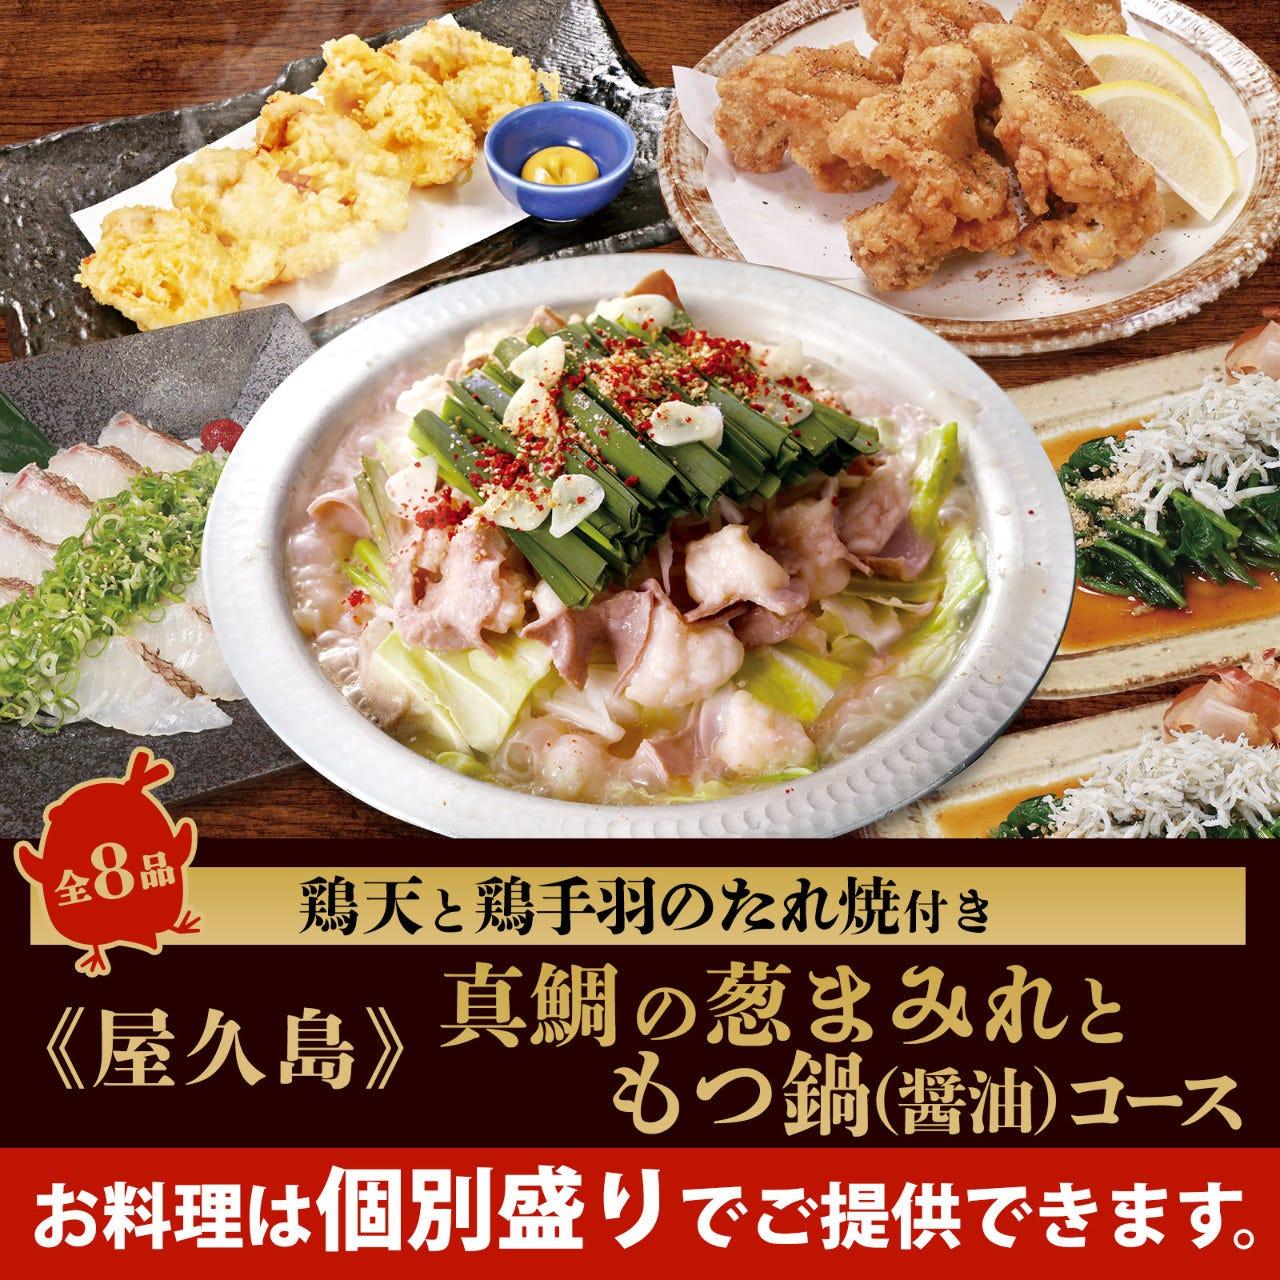 《屋久島》九州直送!真鯛の葱まみれと博多名物もつ鍋コース【8品】